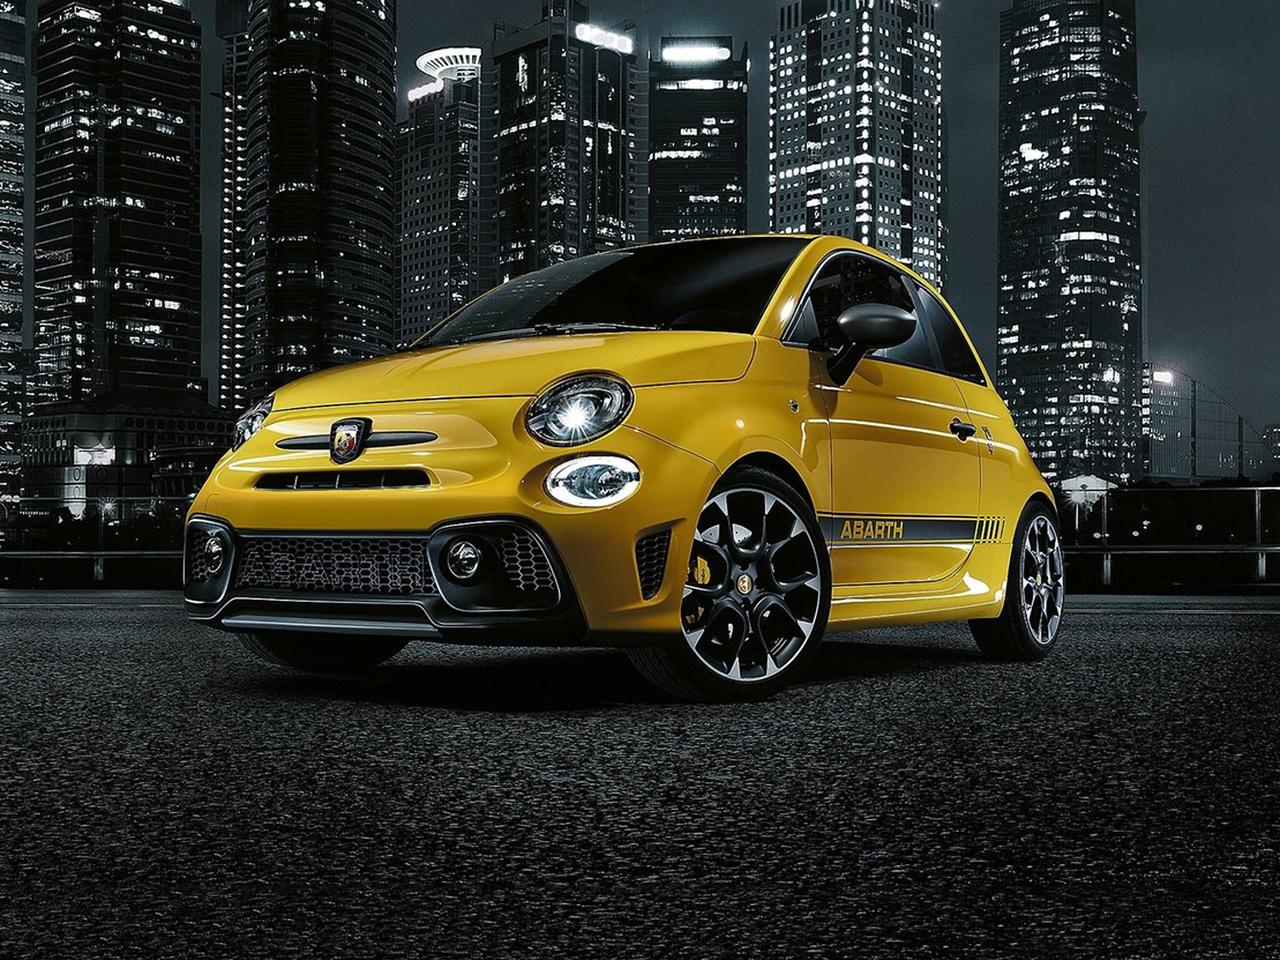 2020 Fiat 500 Abarth Redesign